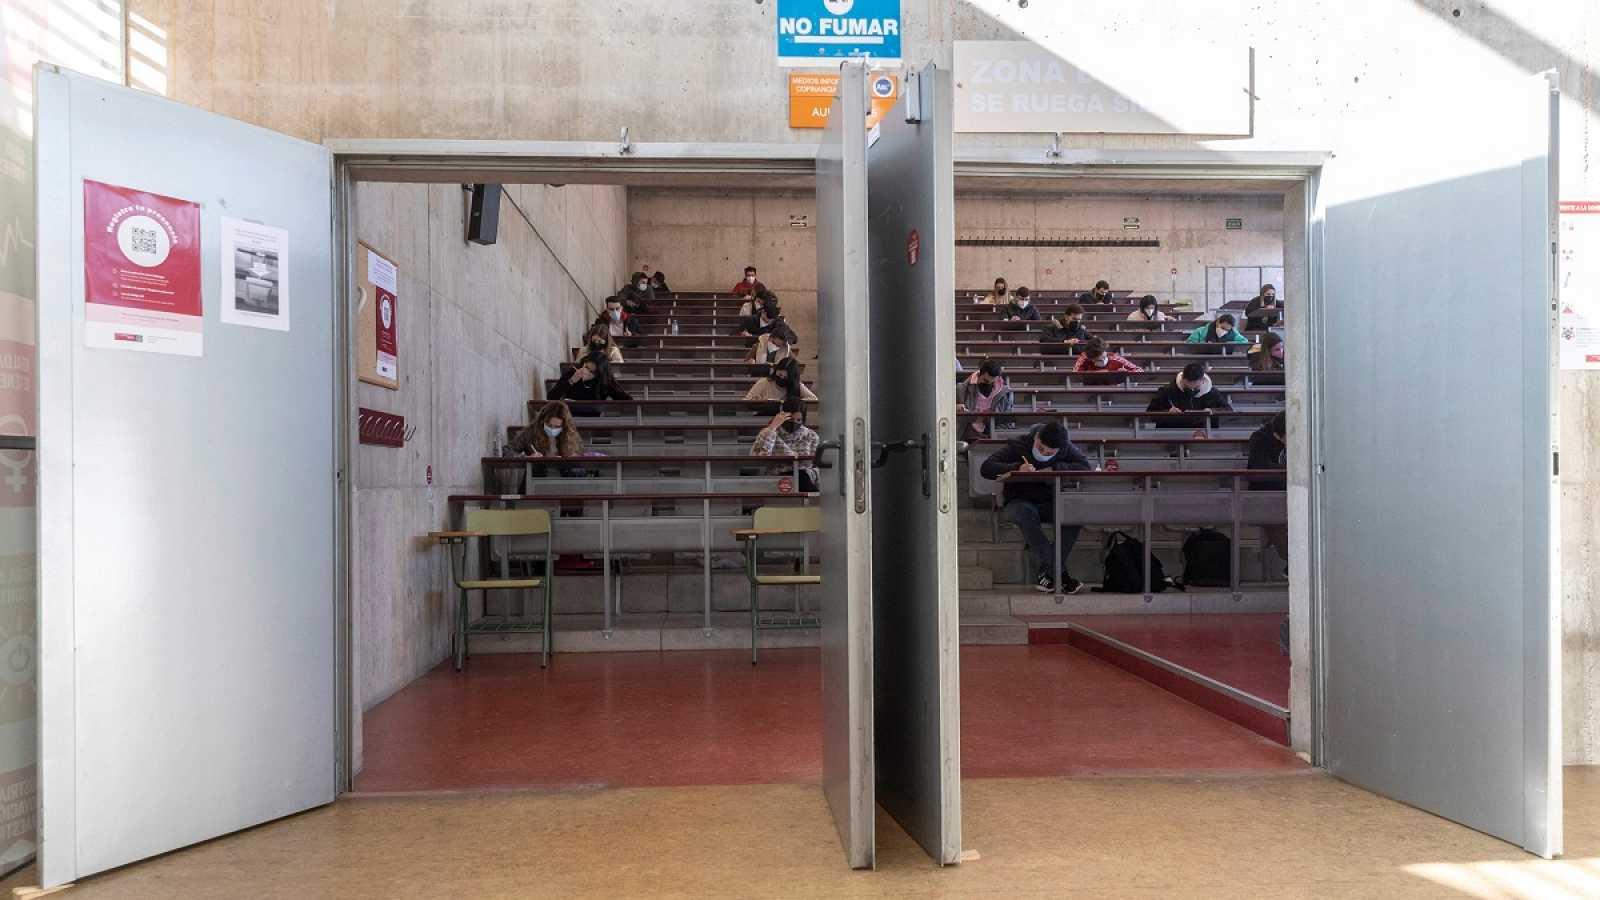 Aumentan las protestas de los universitarios por los exámenes presenciales